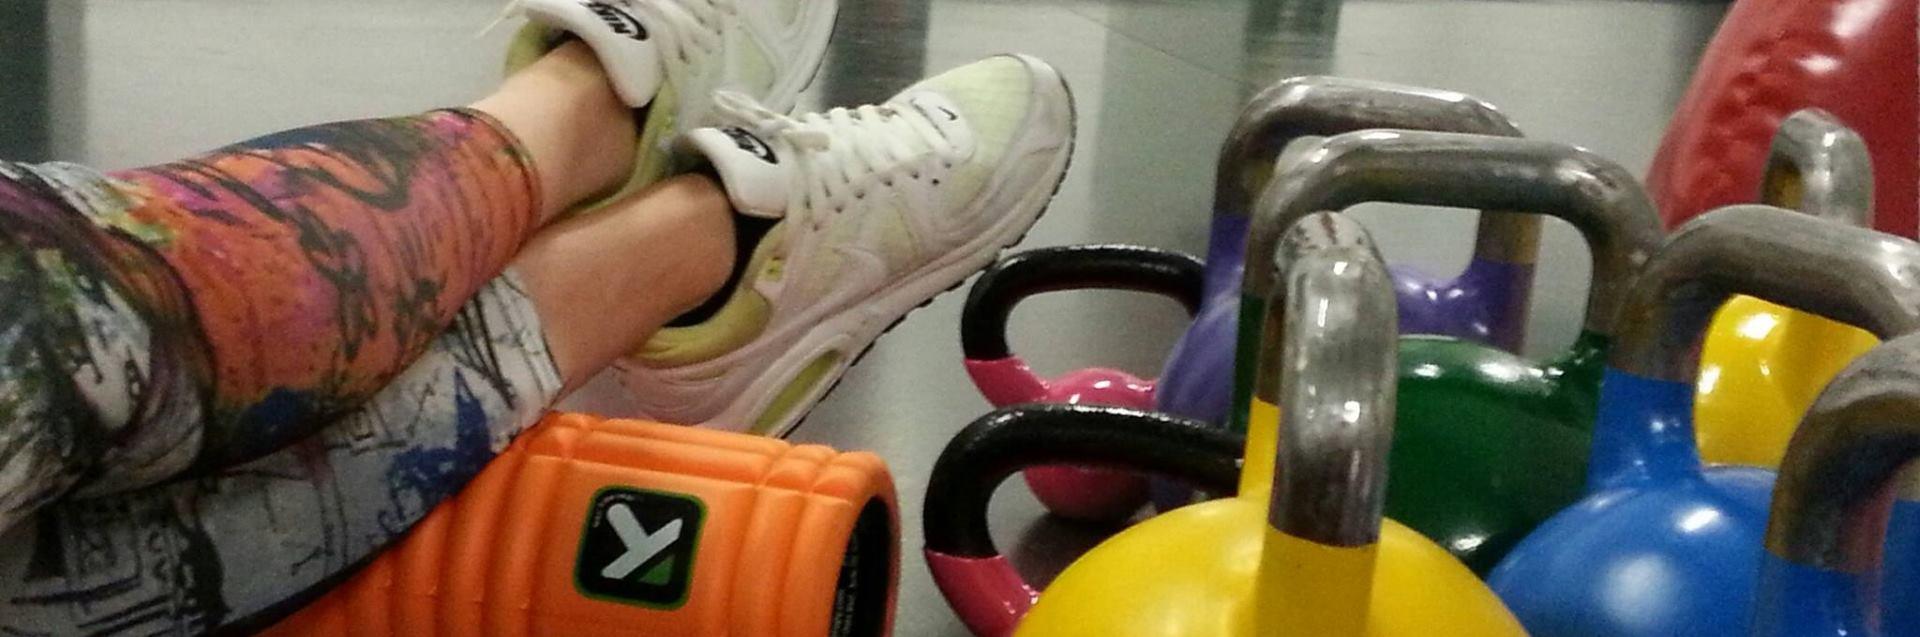 Započnite vježbati i smanjite zdravstvene rizike